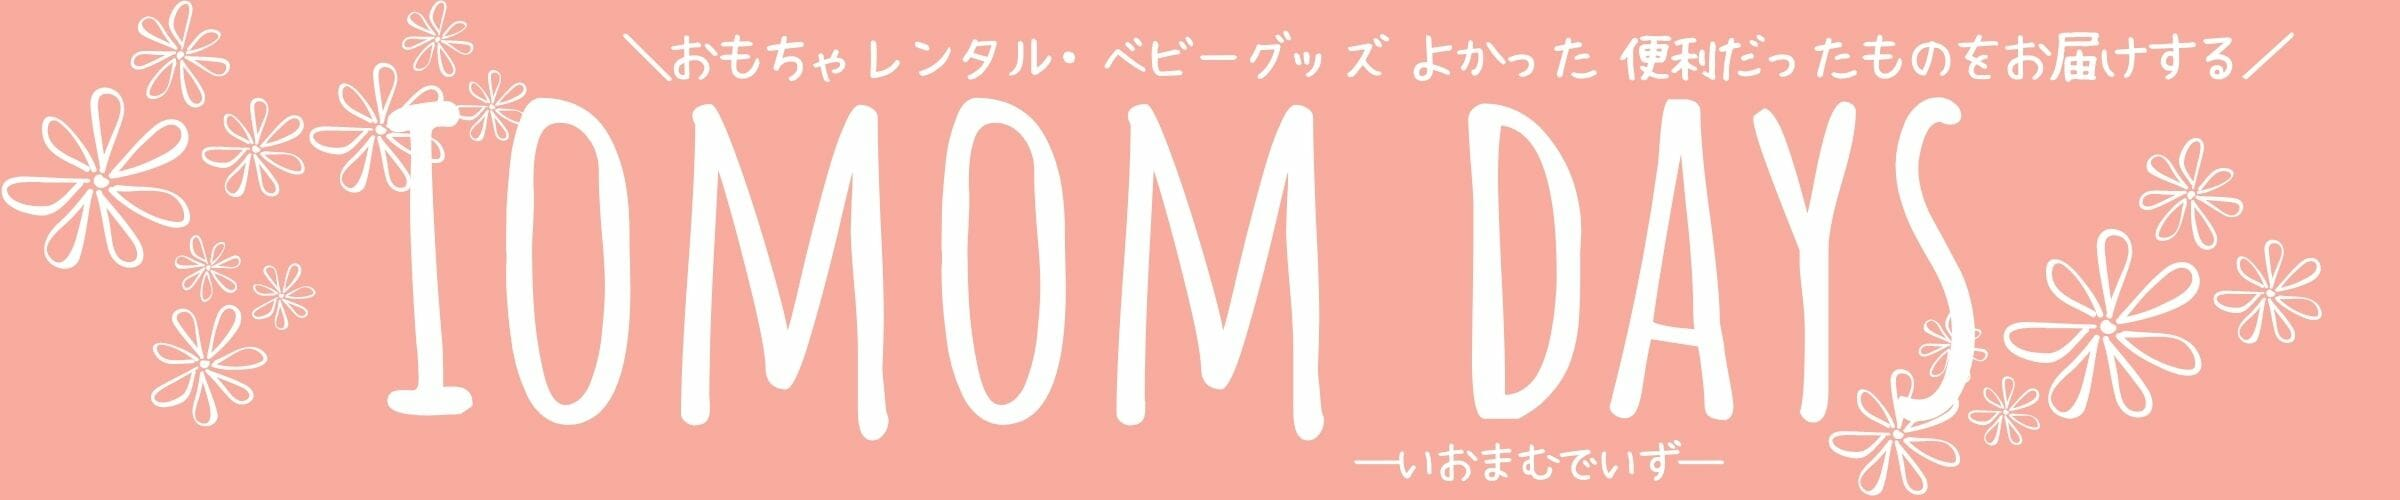 iomom days